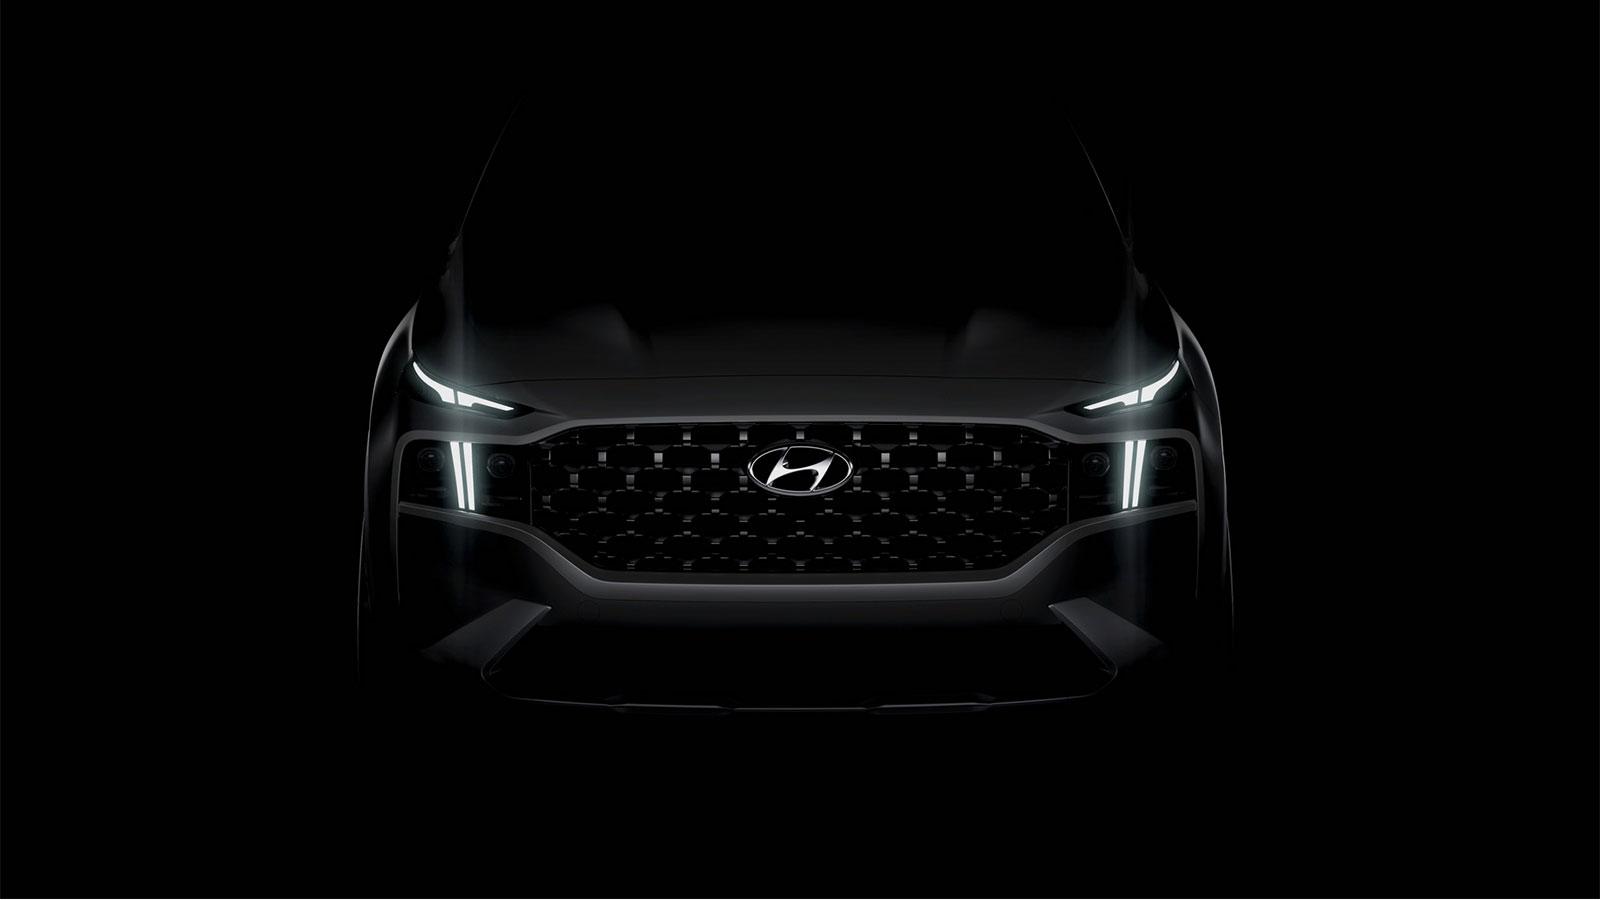 2021 Hyundai Santa Fe Teaser